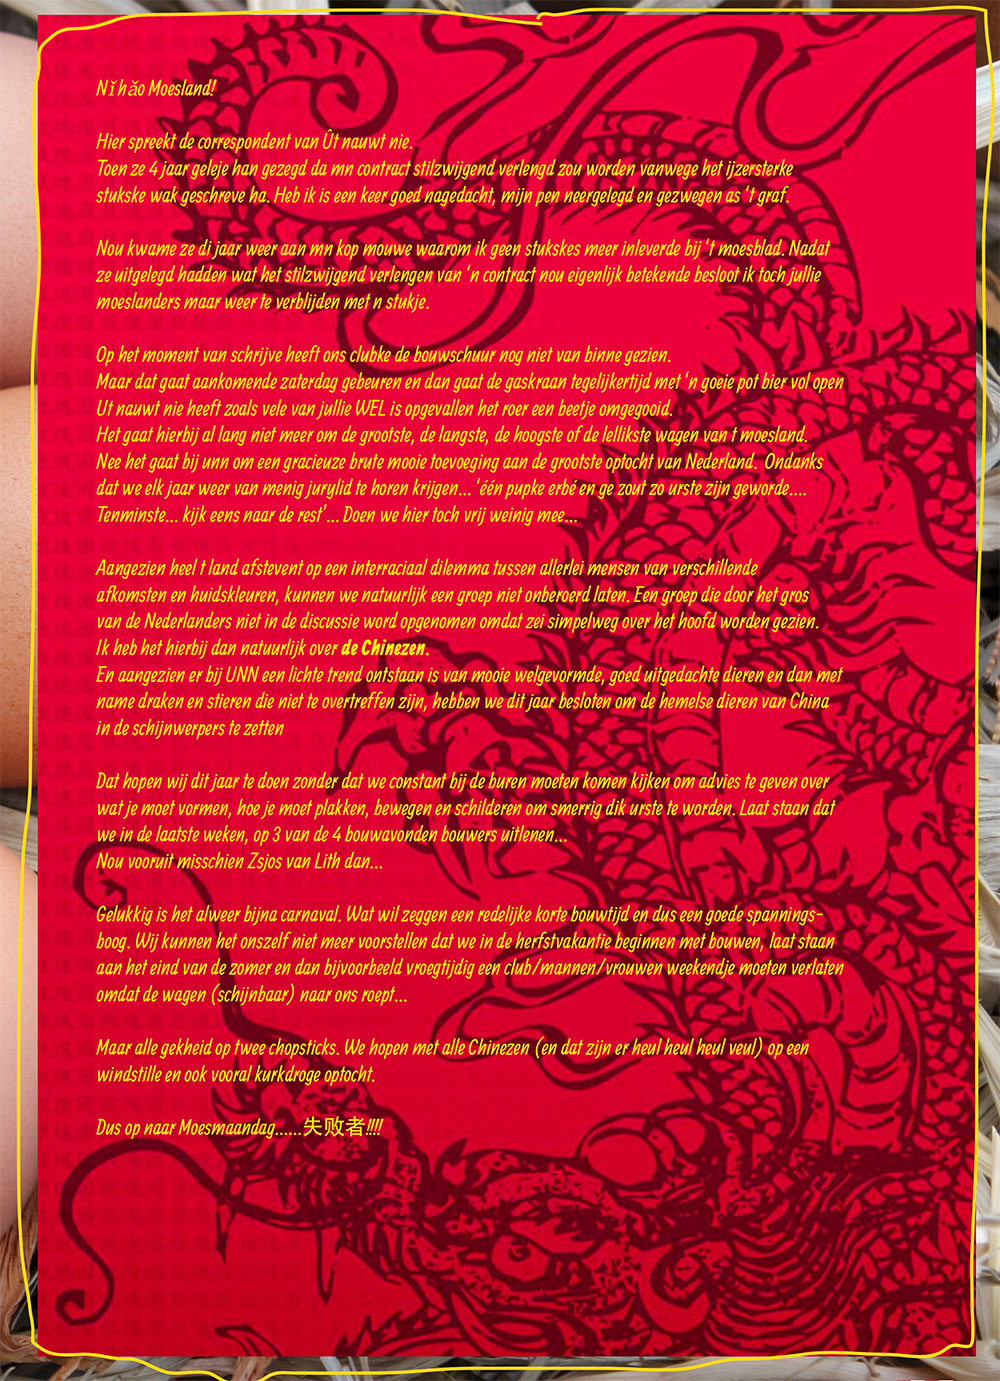 Stukje Ut Nauwt Nie in de carnavalskrant van 2017